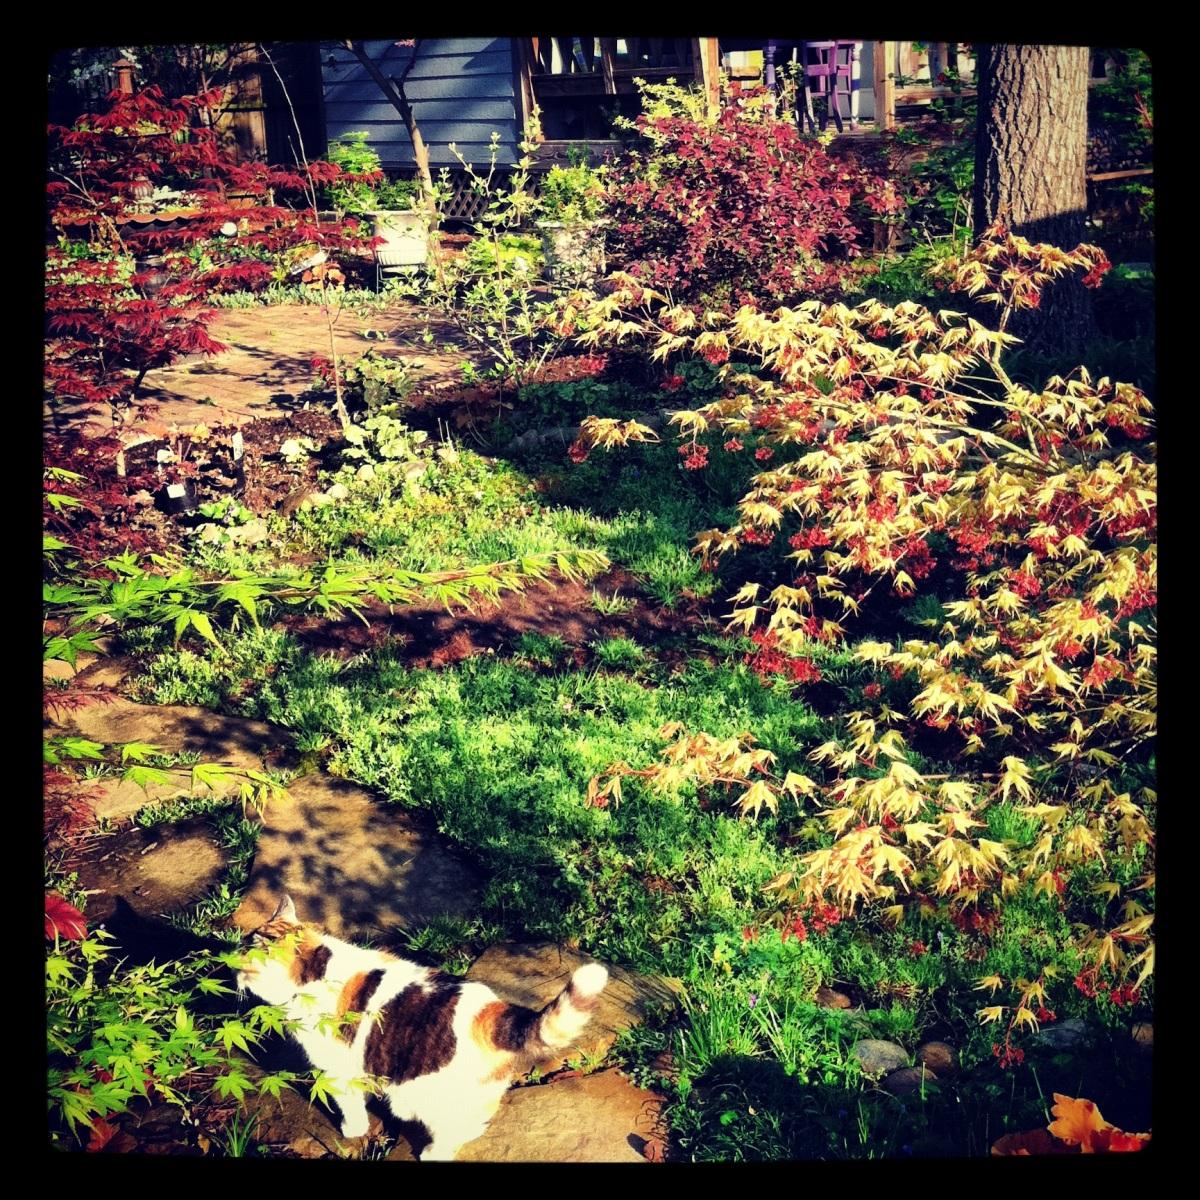 Otis's Garden